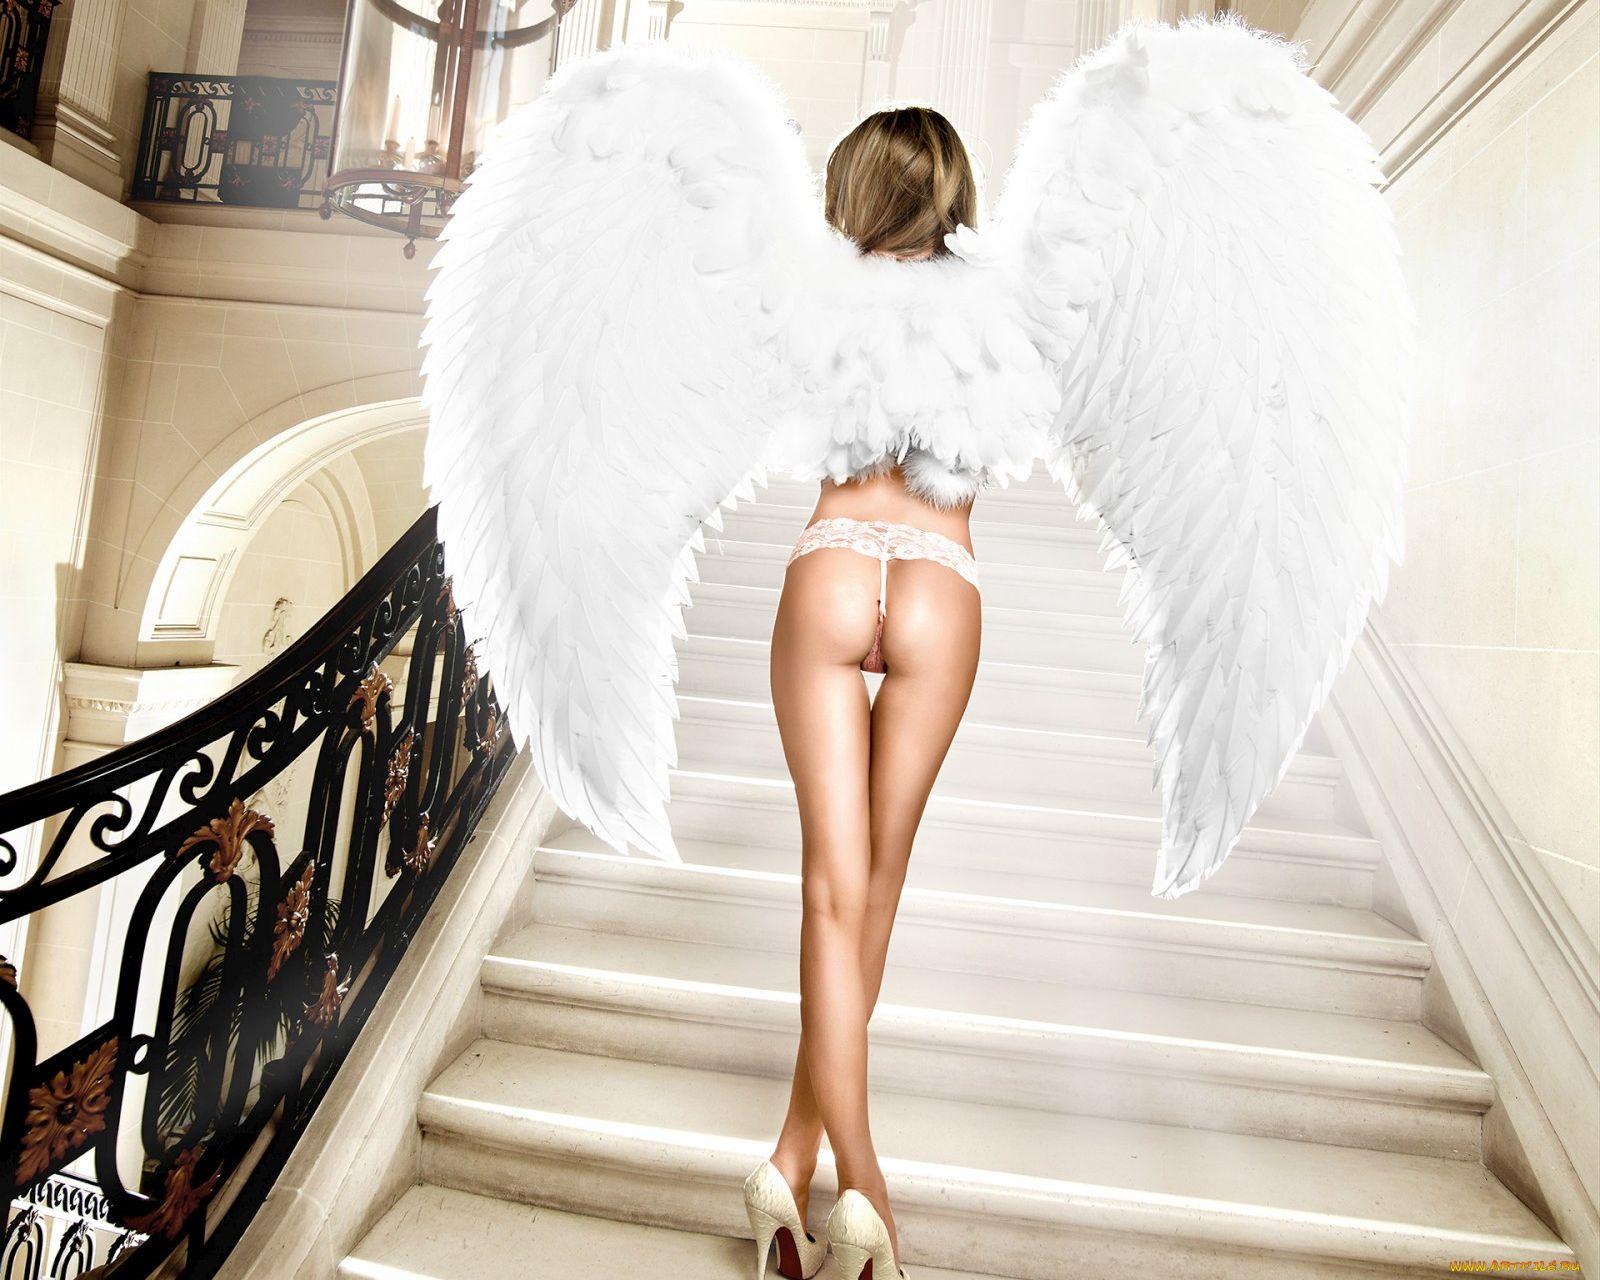 Порнографические картинки девушка ангел, порно лесбиянки приучают подругу